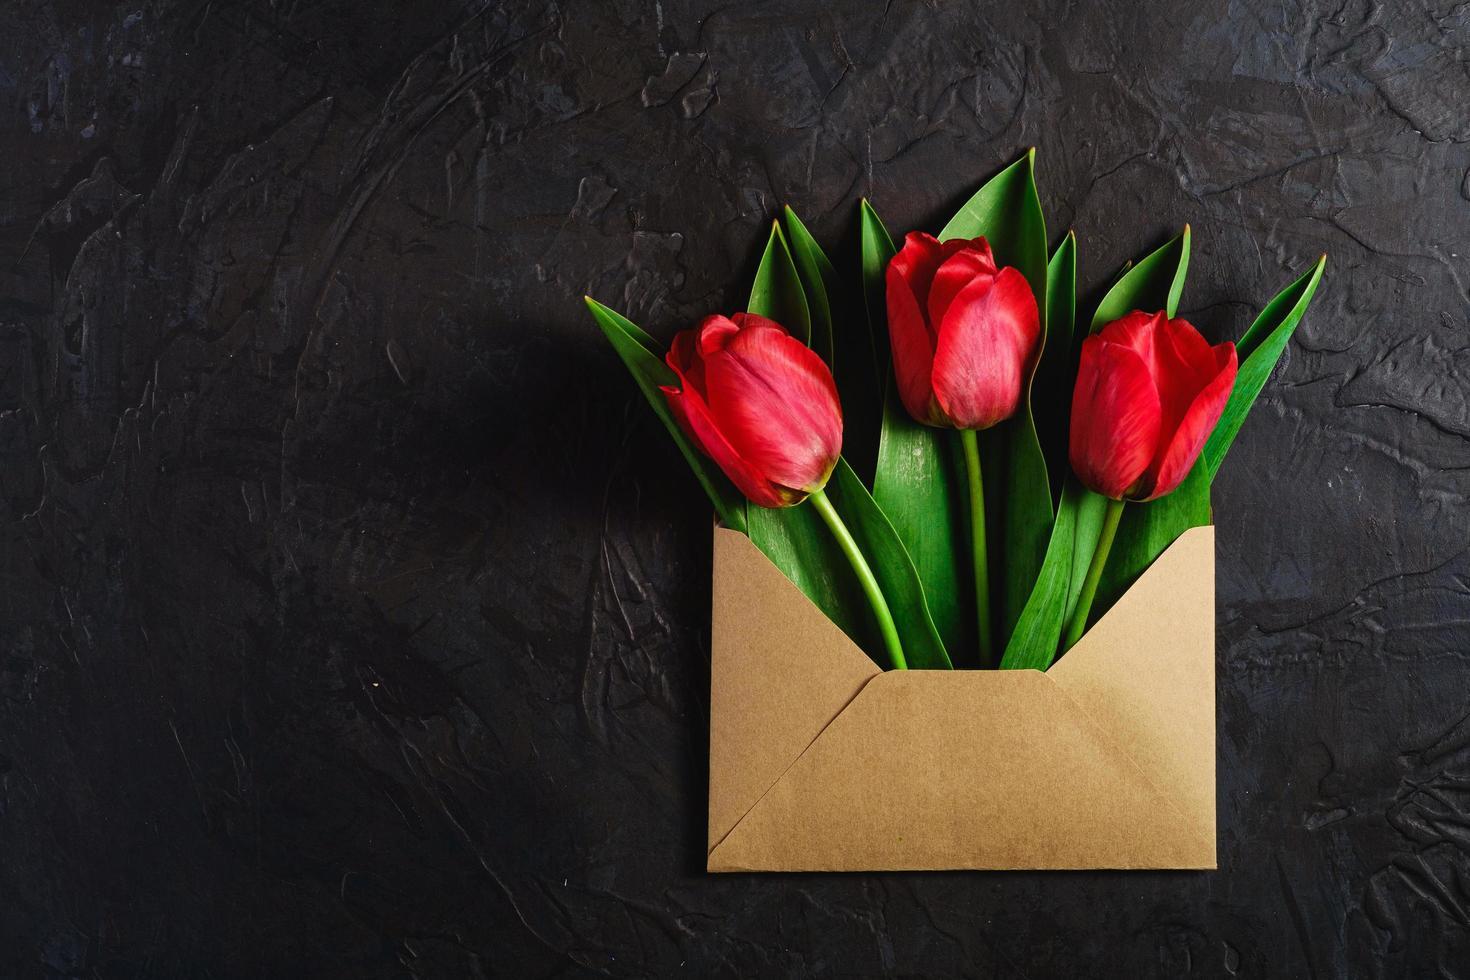 fleurs rouges dans une enveloppe en papier sur fond noir foncé texturé photo